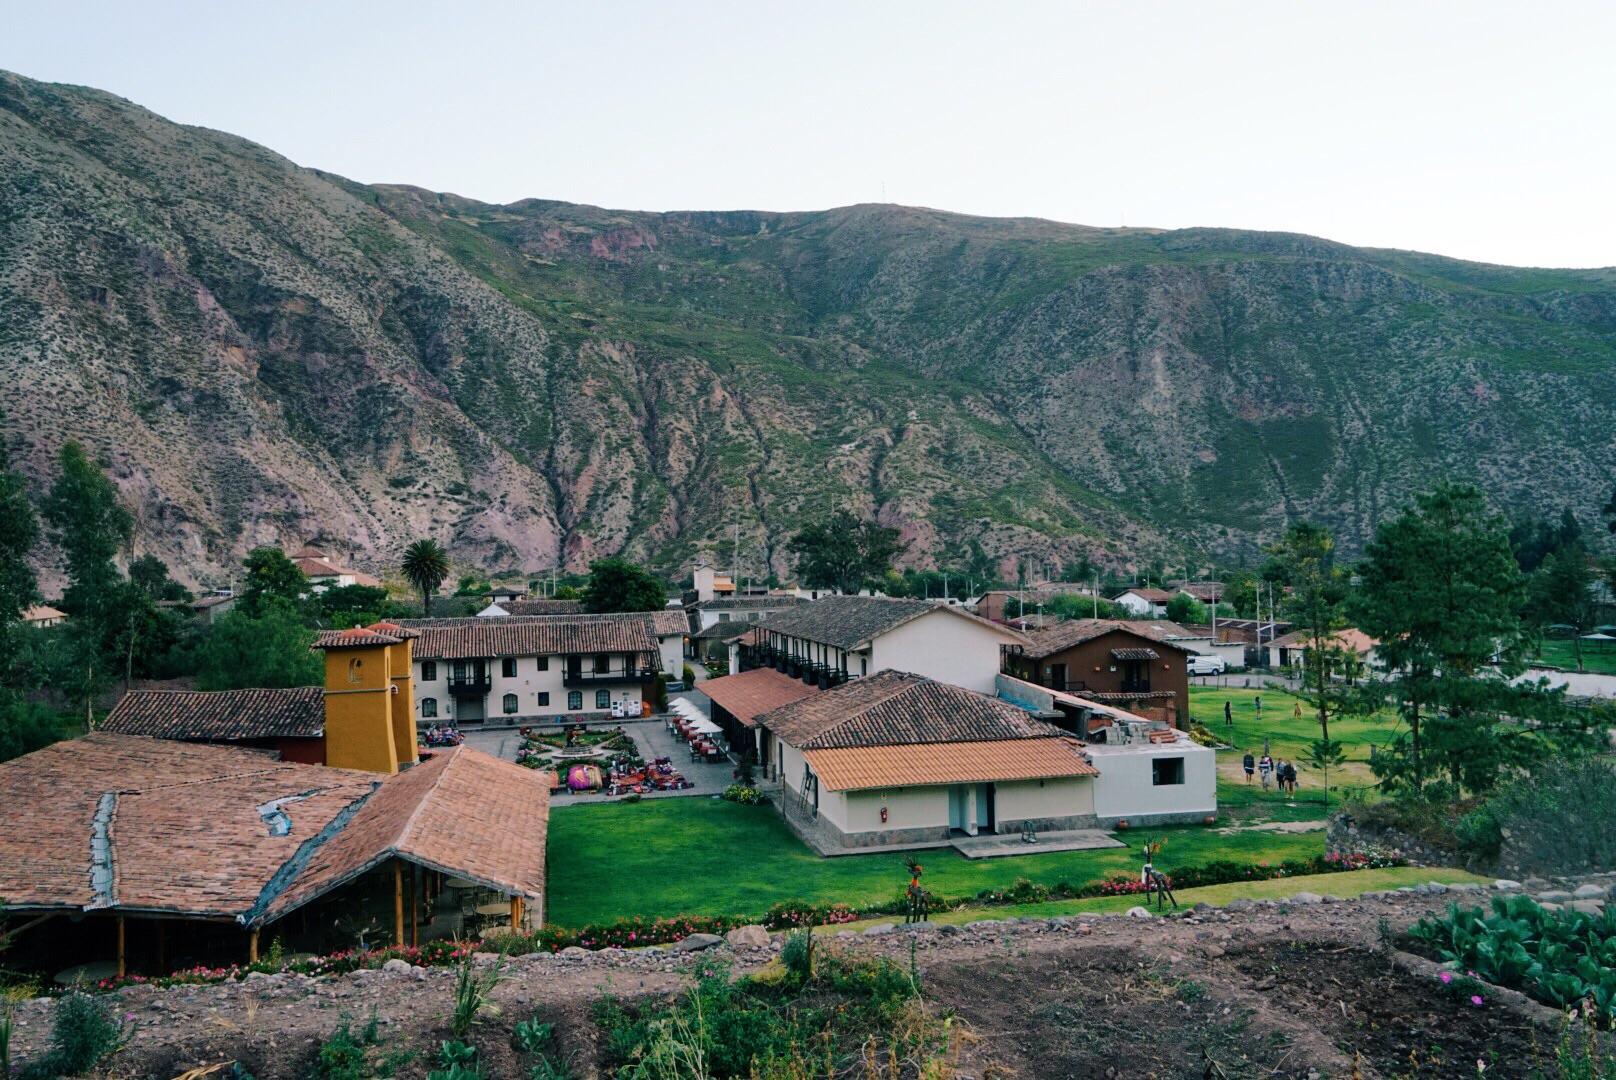 The Sonesta Posadas Del Inca Yucay